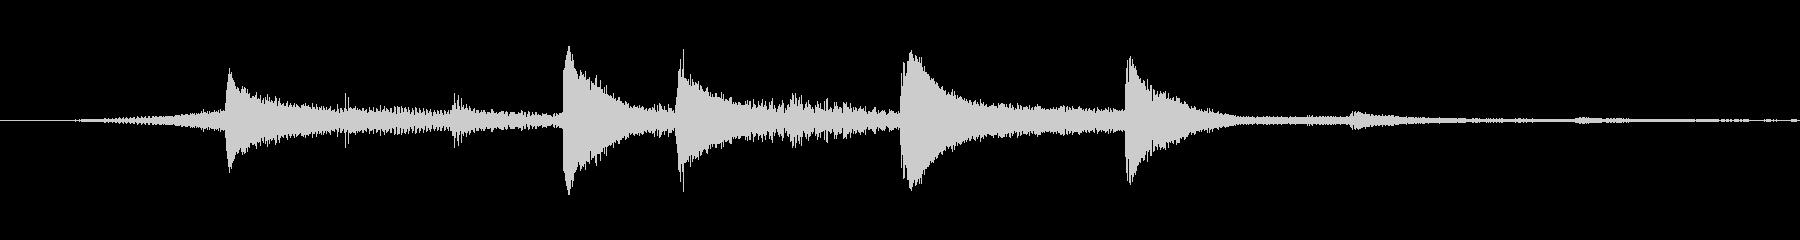 爽やか綺麗なサウンドロゴの未再生の波形